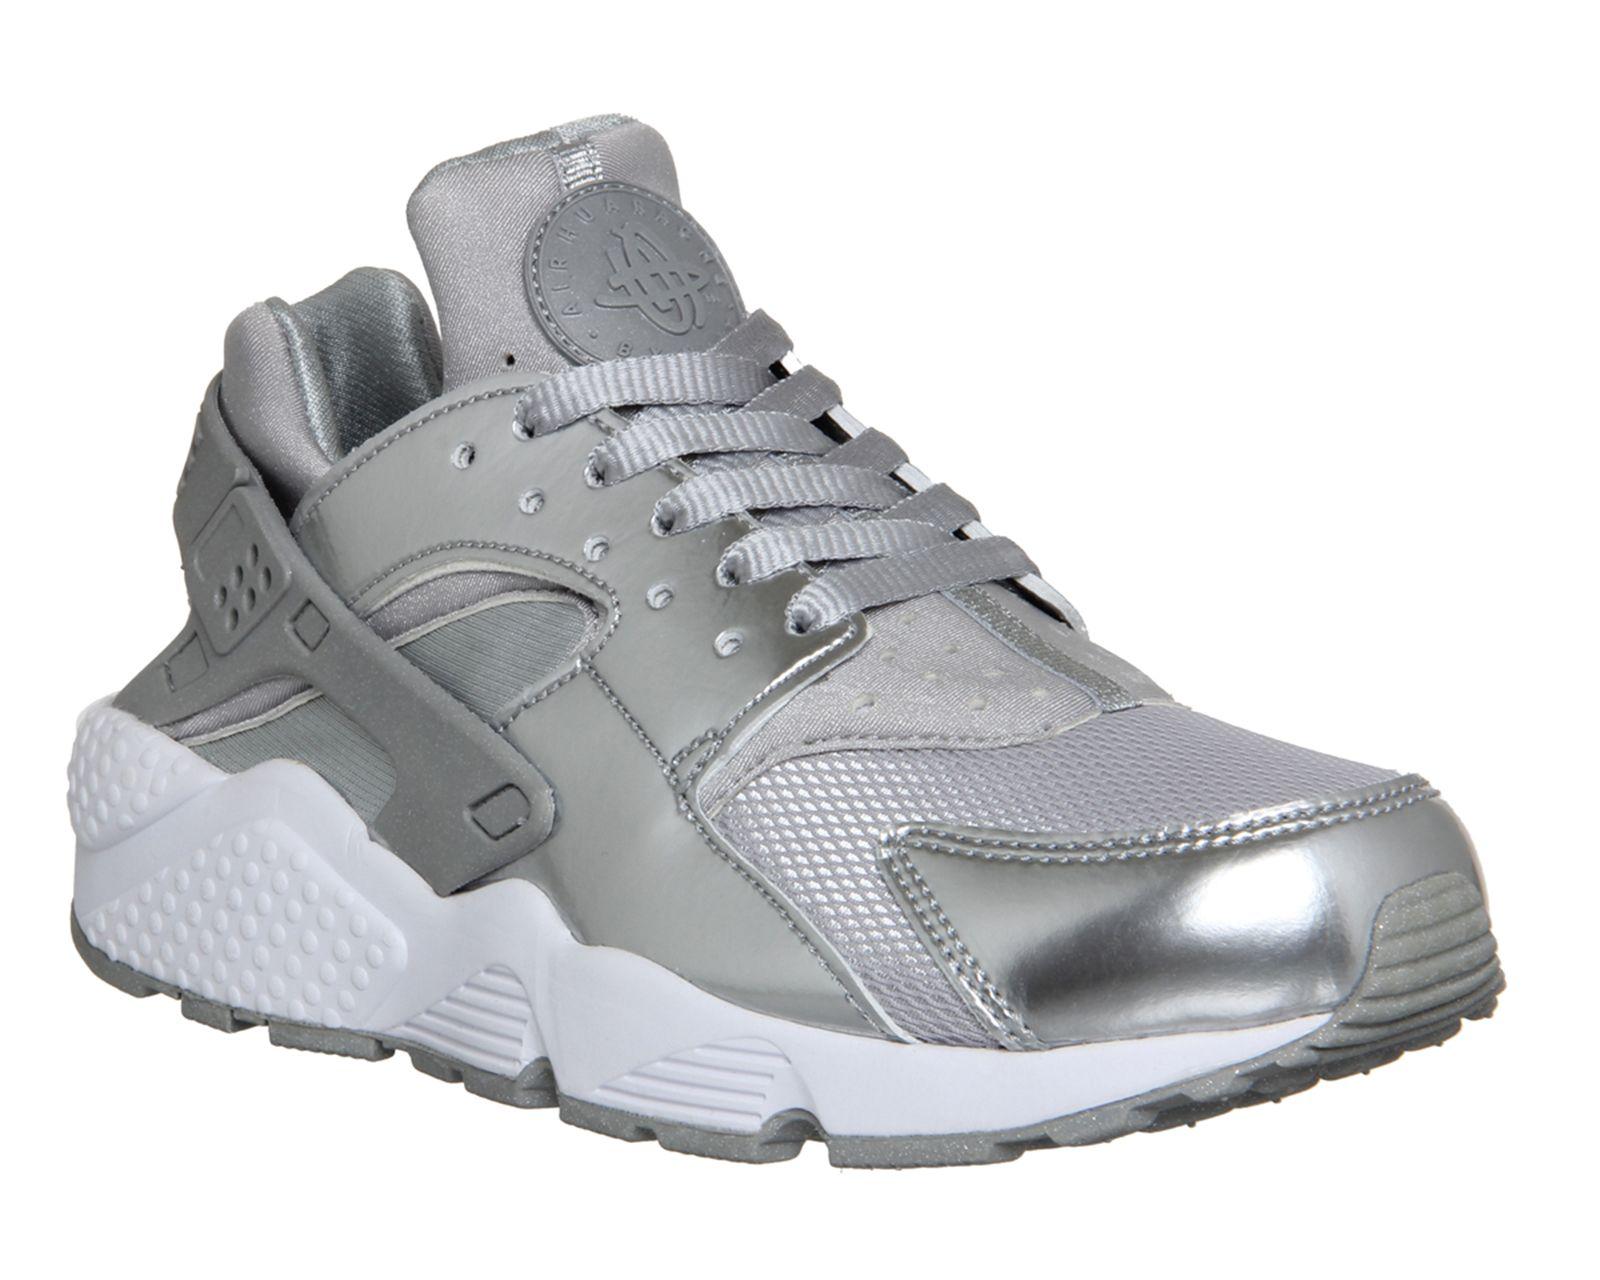 c757b2528534 Nike Air Huarache Metallic Silver - Unisex Sports